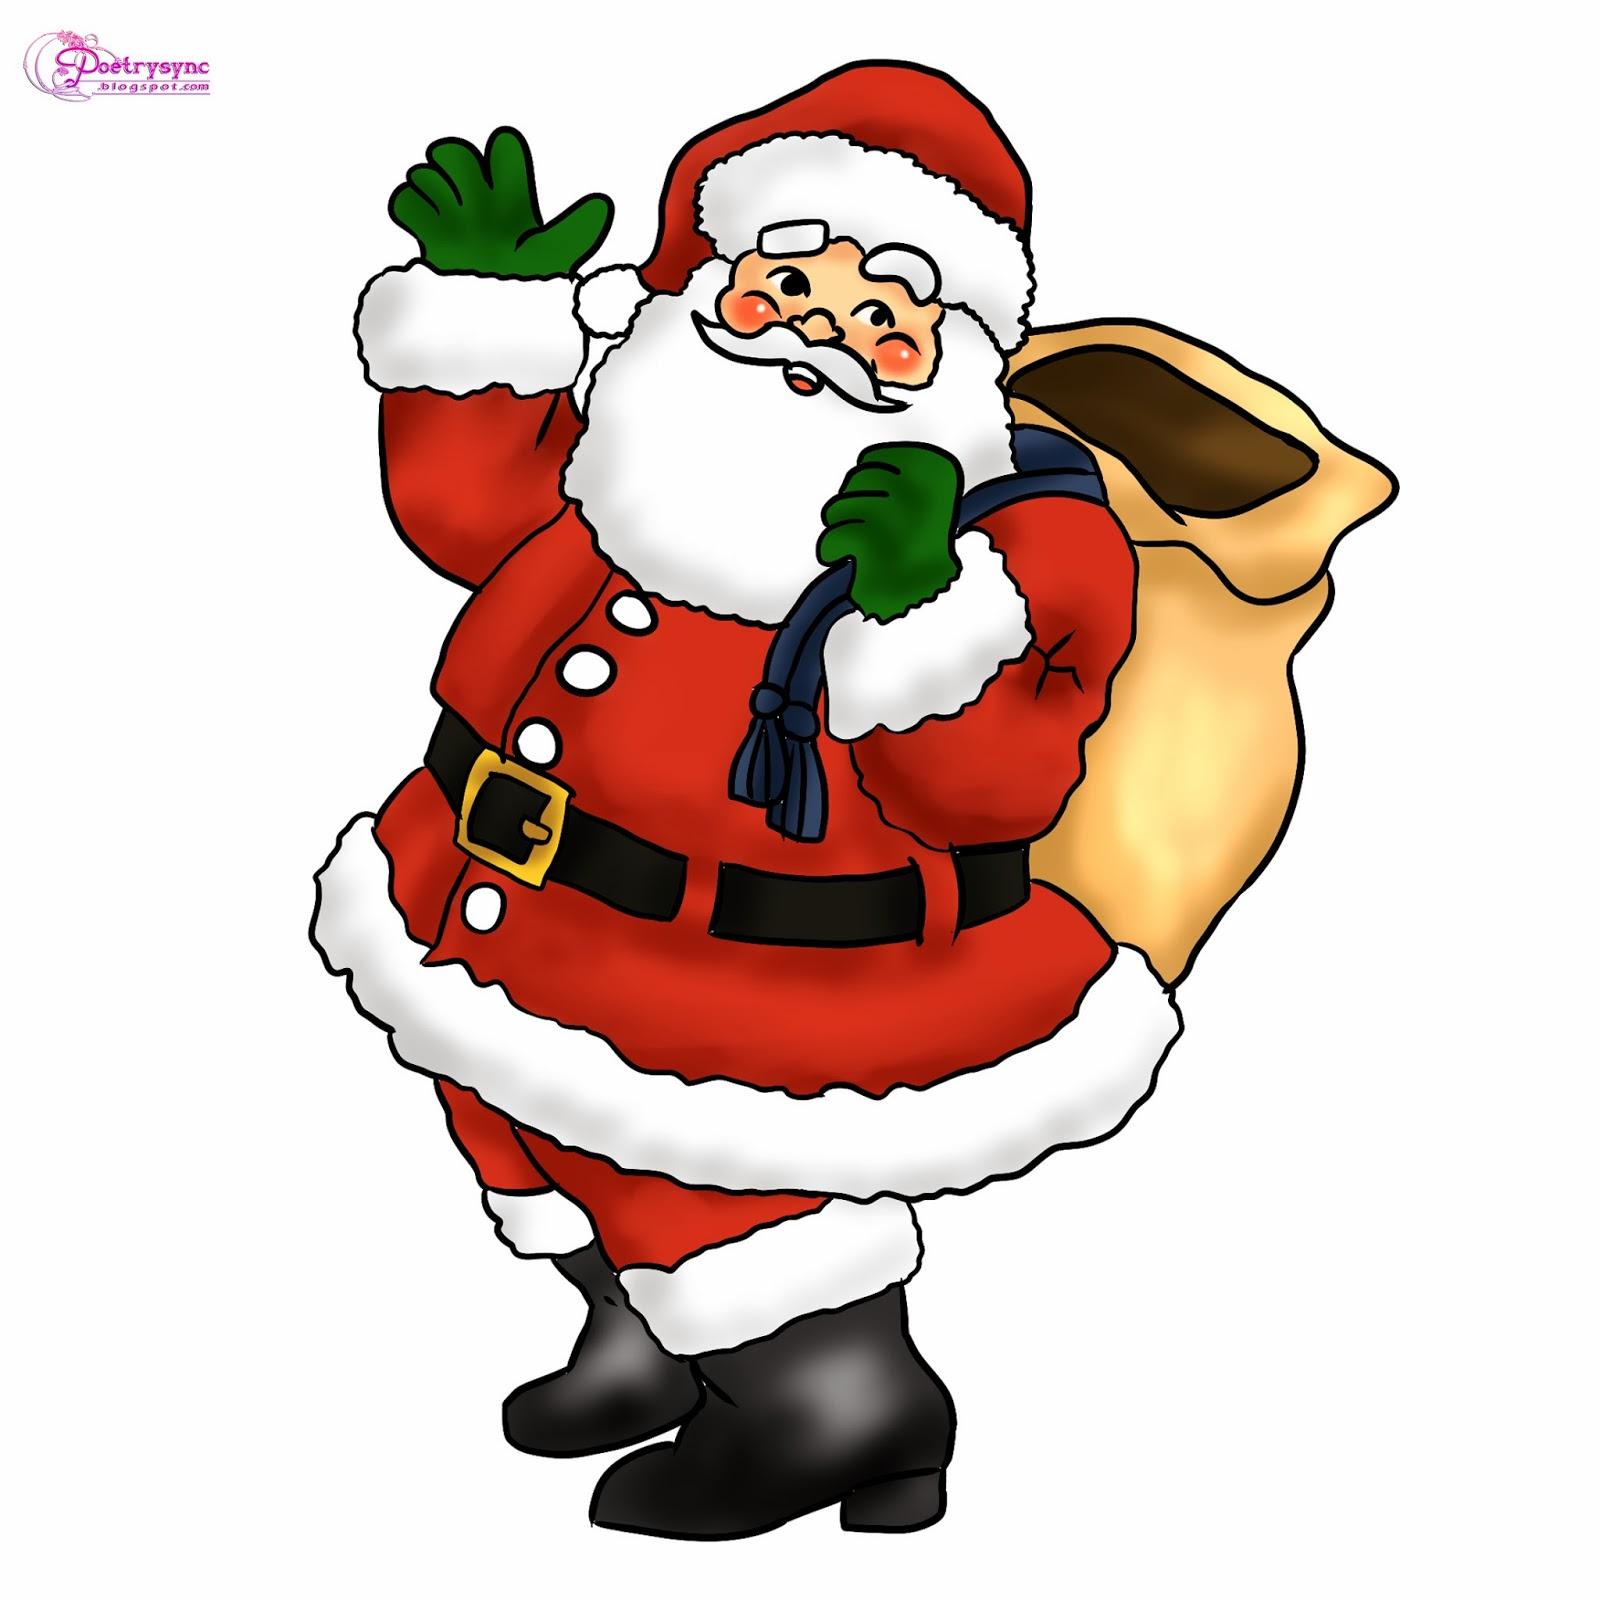 Cliparts fest kostenlos graphic transparent stock Christmas fest clipart - ClipartFest graphic transparent stock